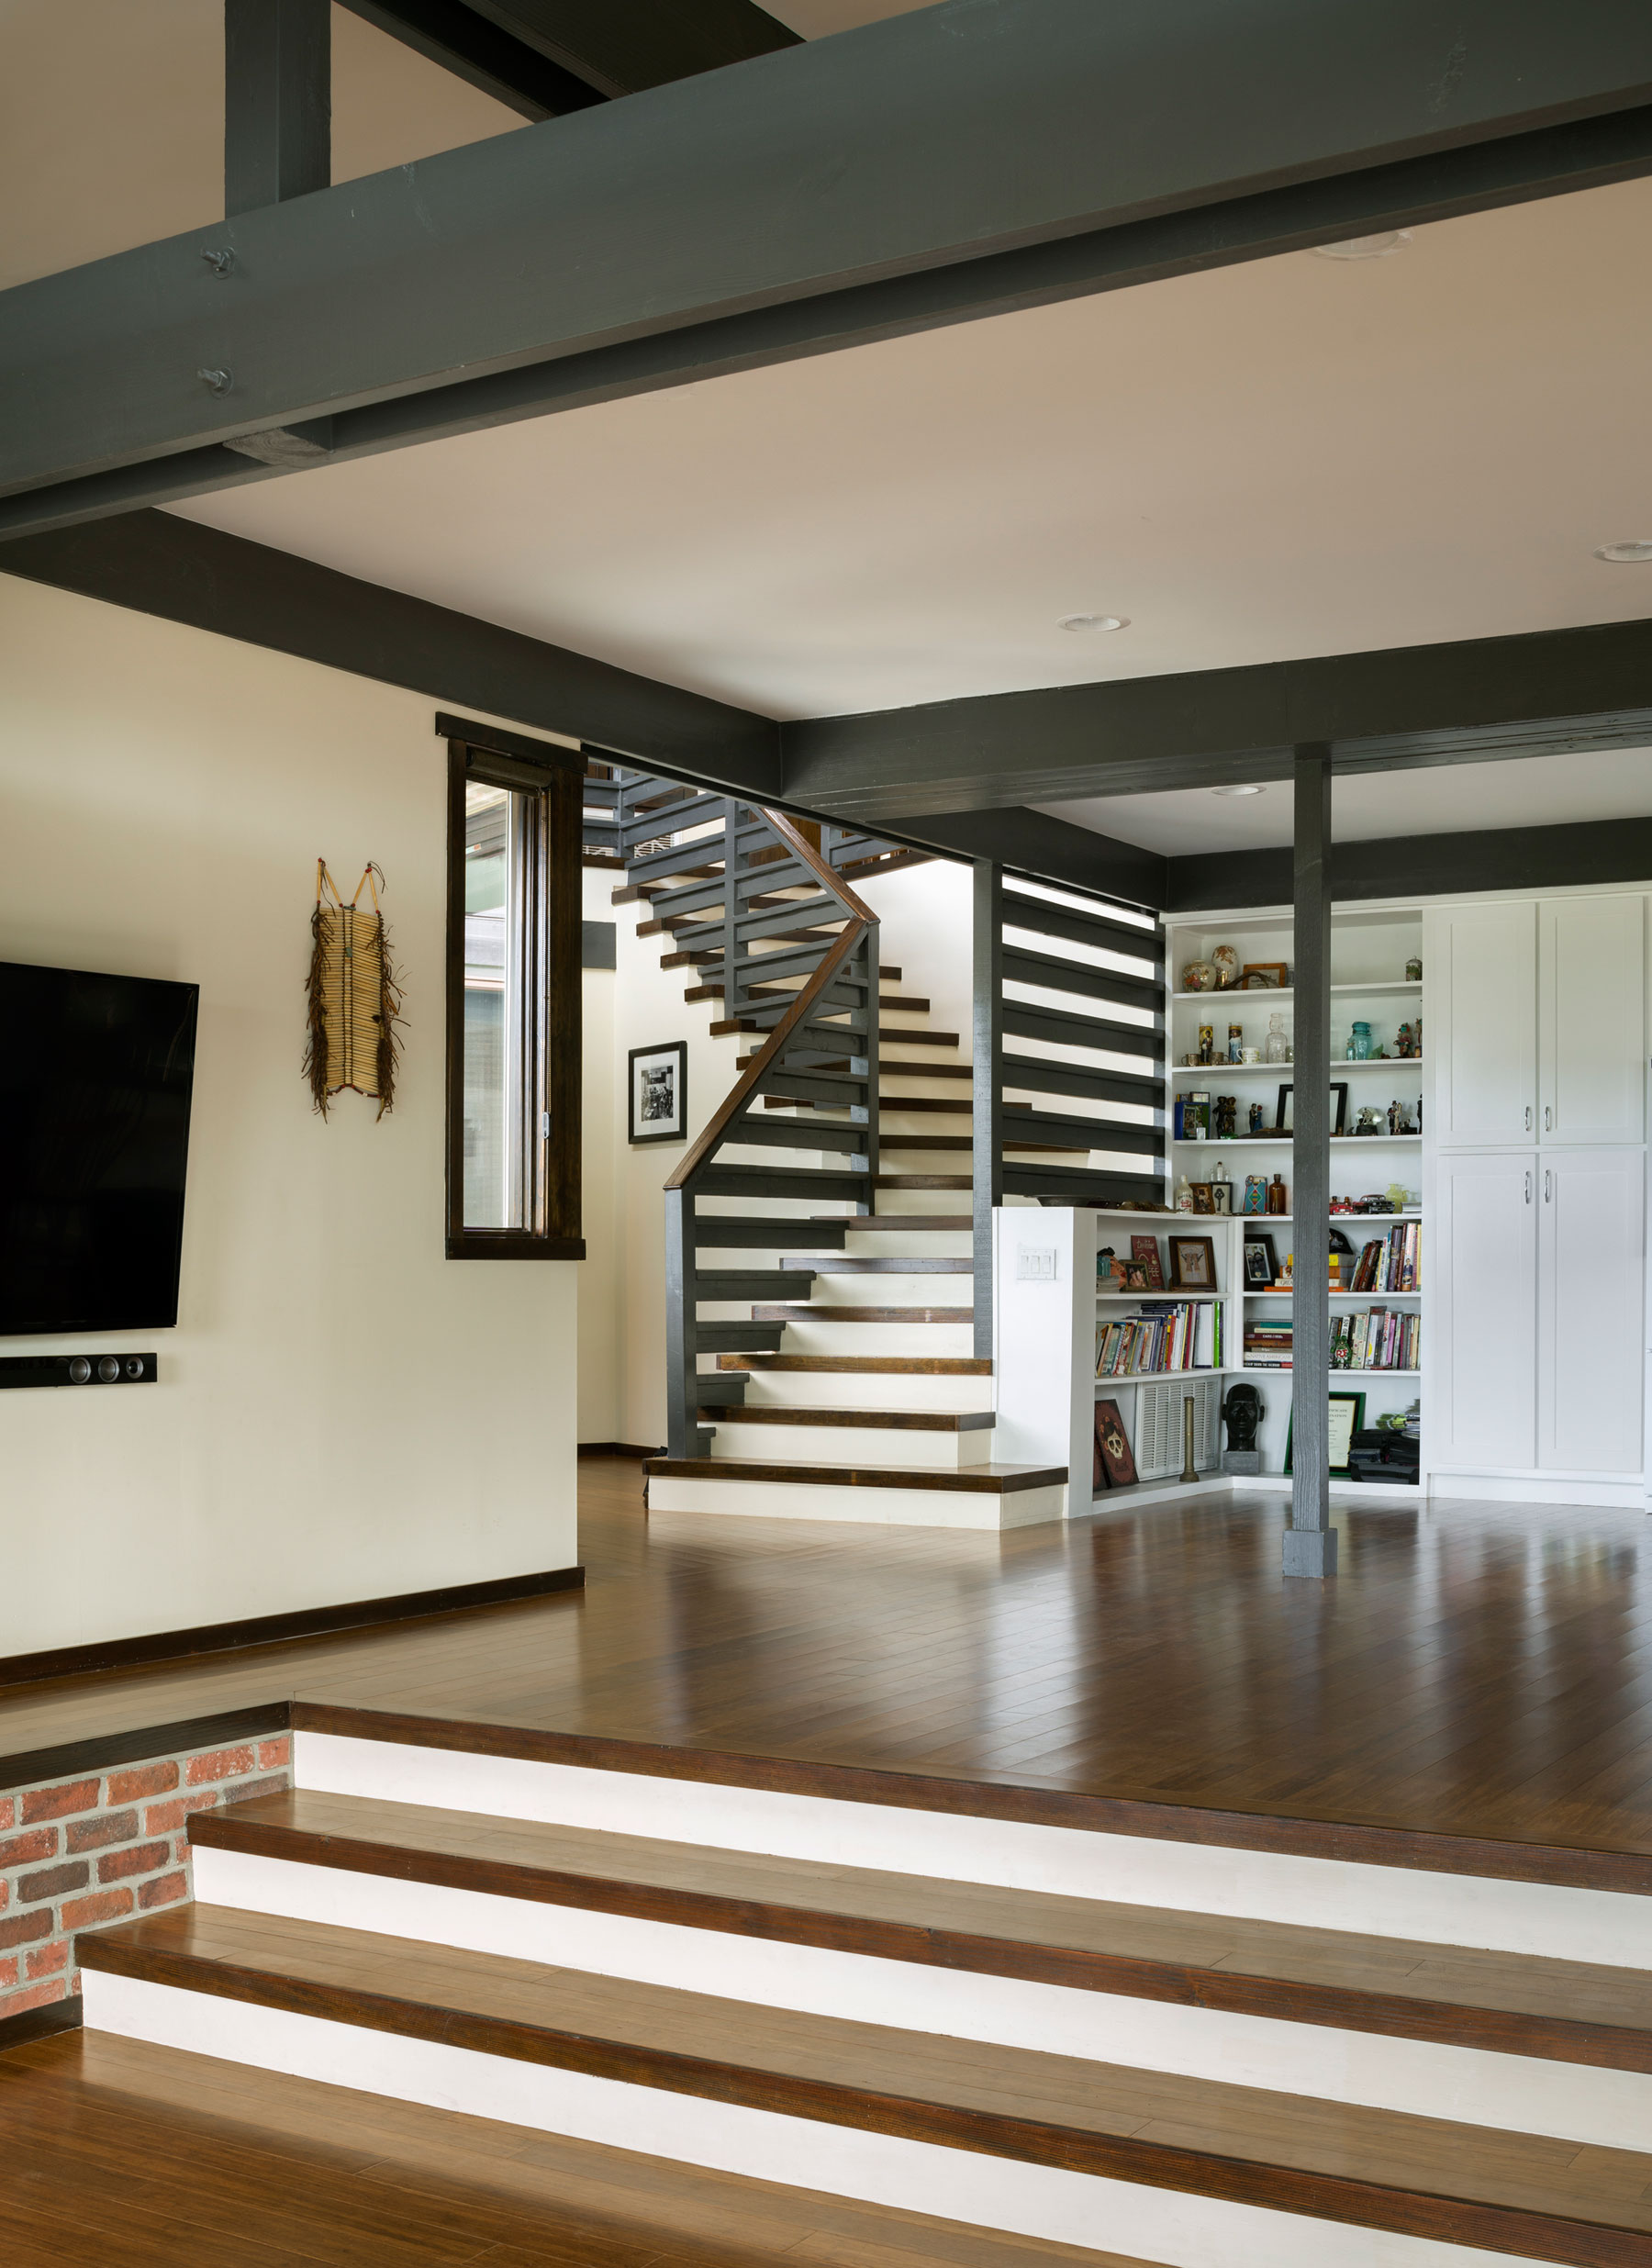 Martin Fenlon Architecture Designs a Cozy Private Residence in Los Angeles, California